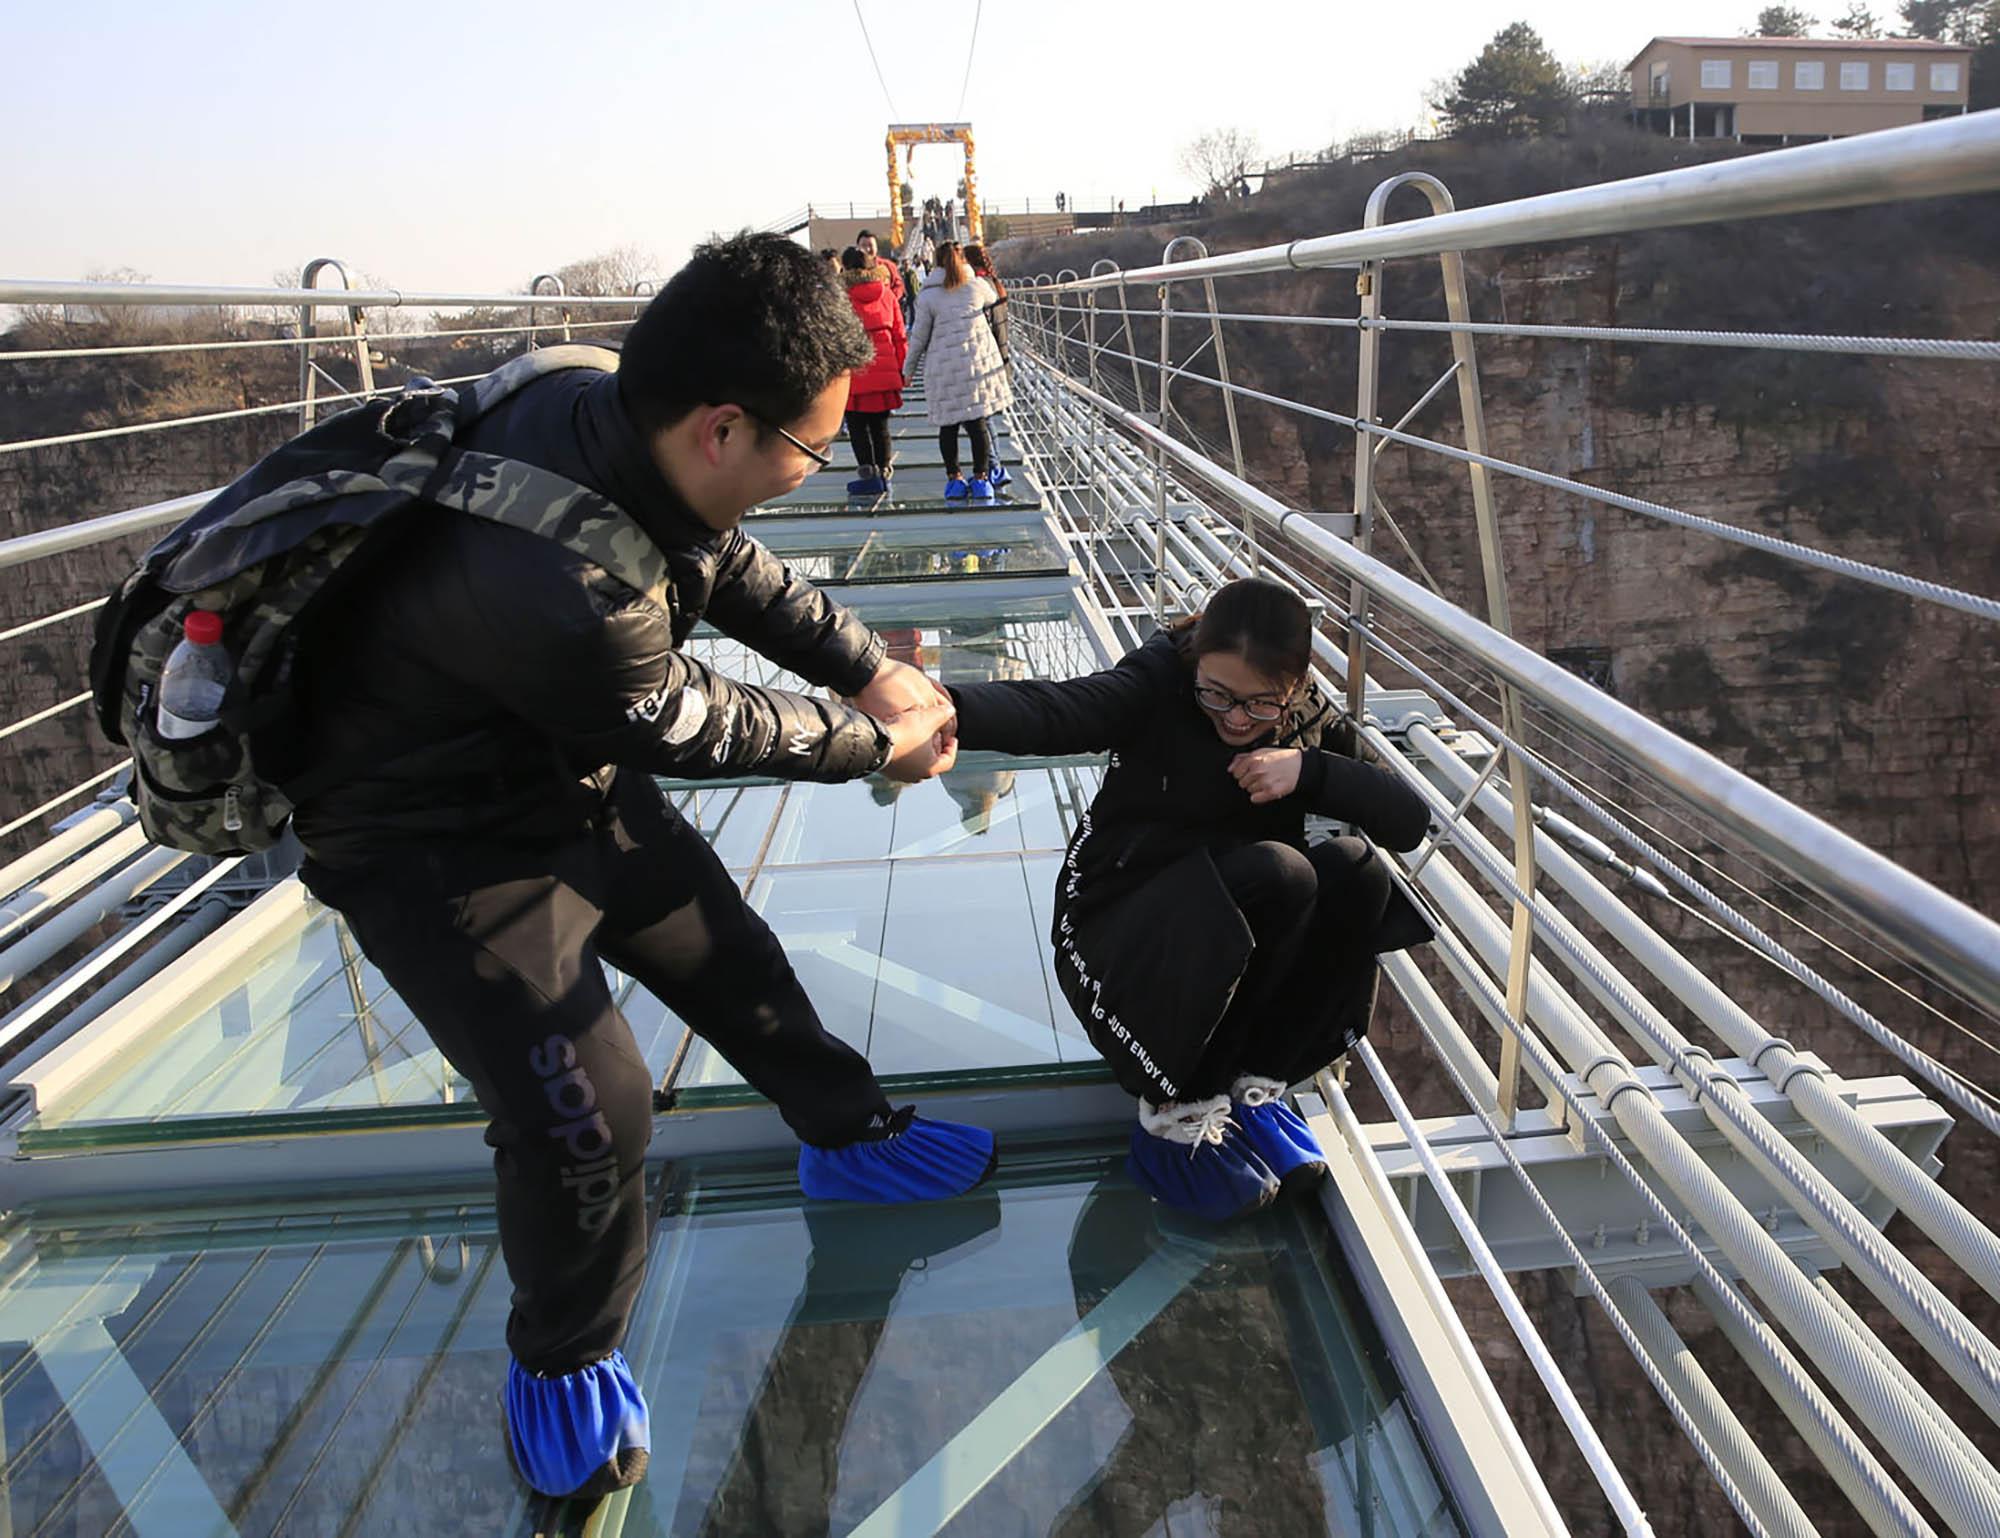 Shoe bridy transparent glass